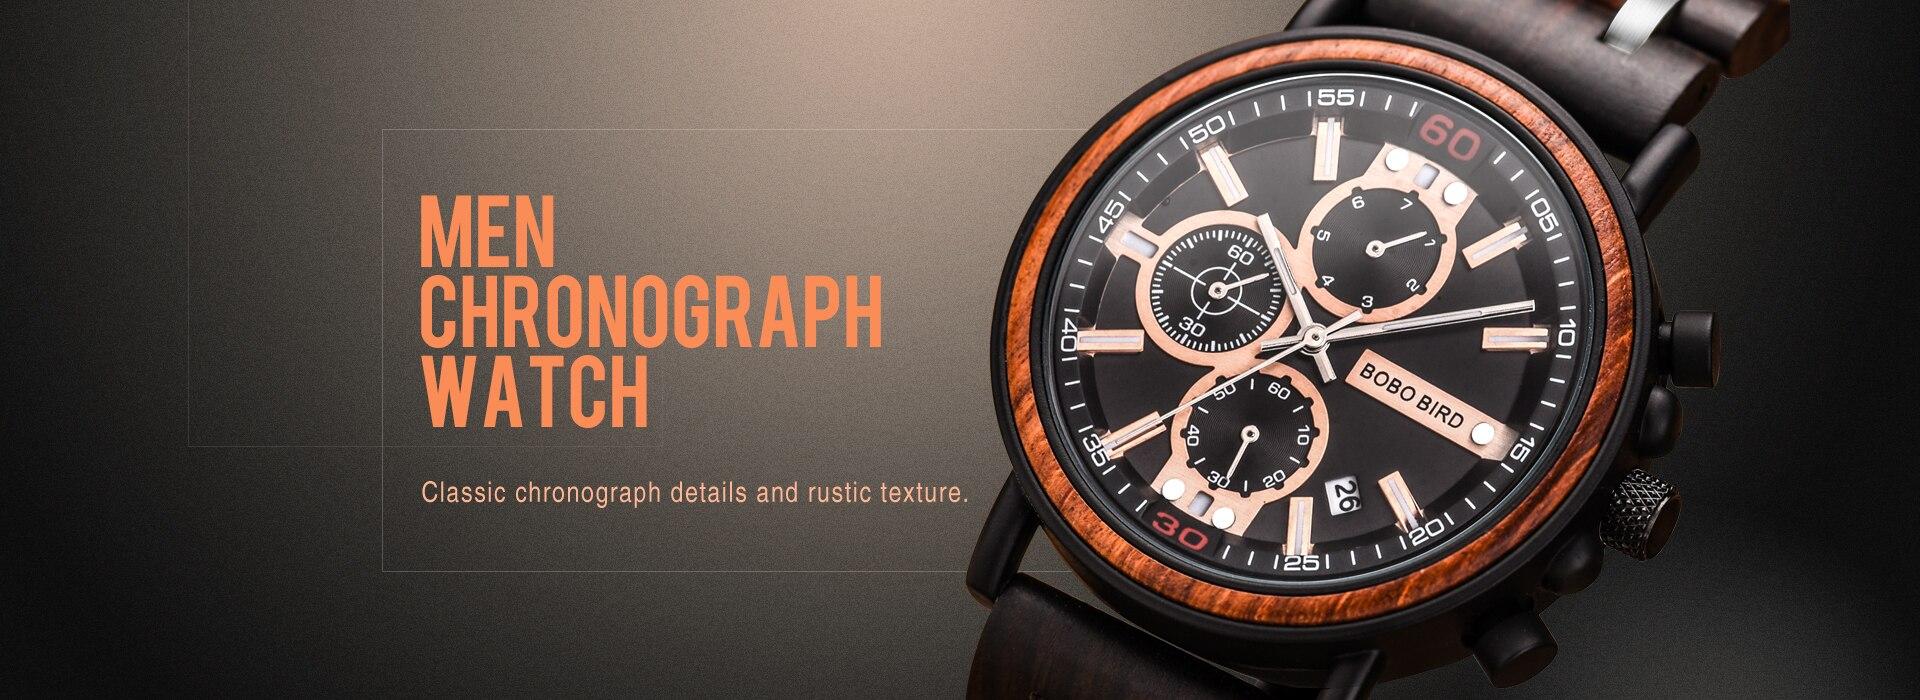 cronógrafo relojes hombre mostrar data relógio de